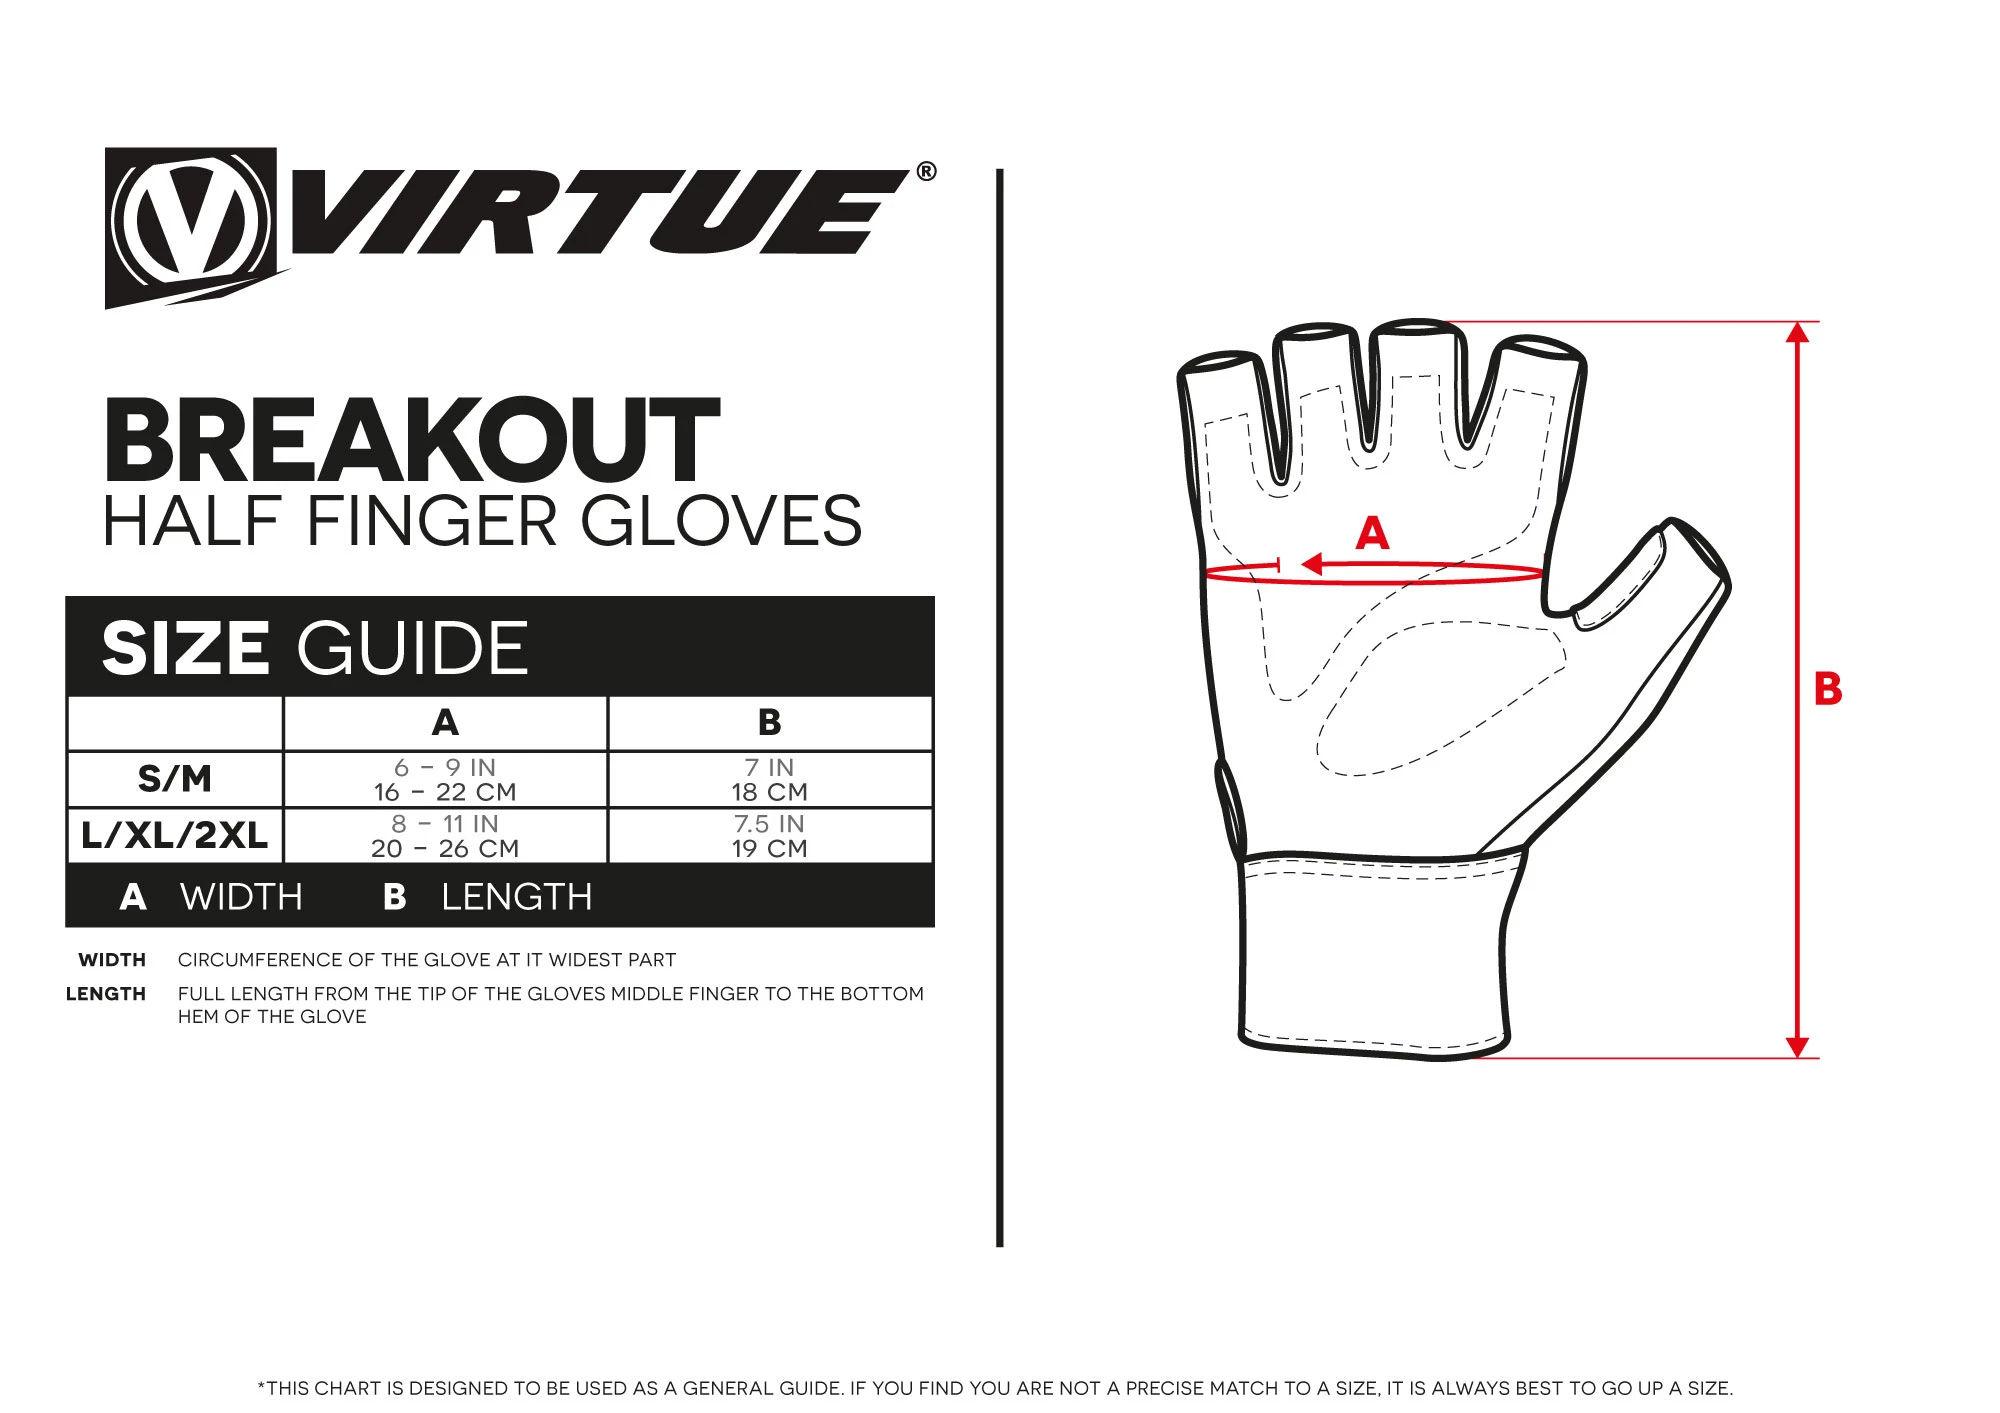 Virtue Breakot Half Finger Gloves